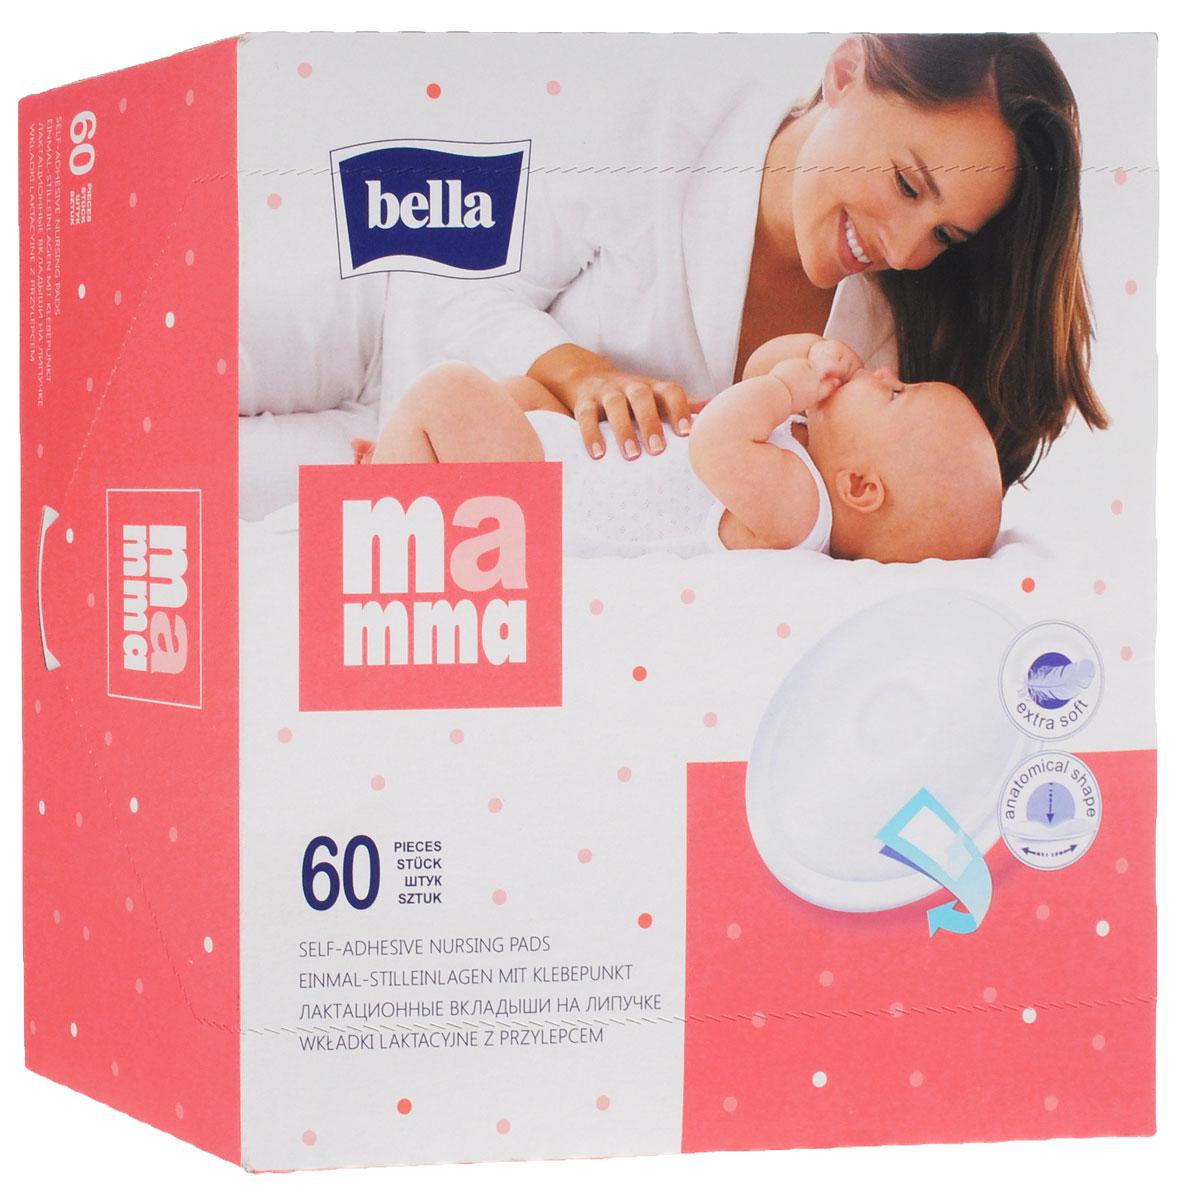 Bella Вкладыши лактационные Mamma на липучке 60 шт BD-063-NR60-003